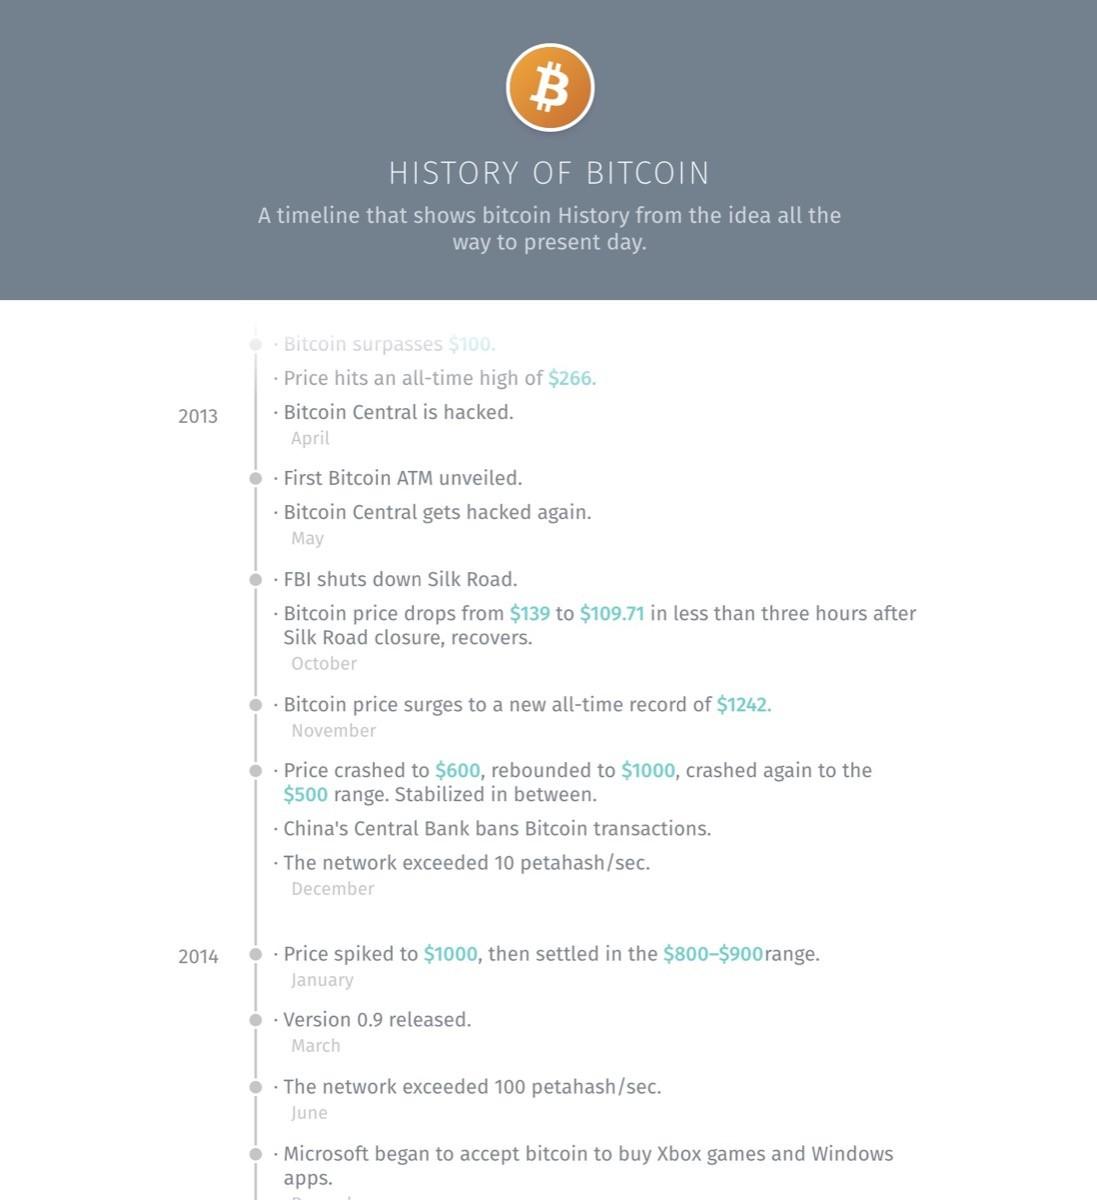 HTML & CSS Timeline Skript von: Matys